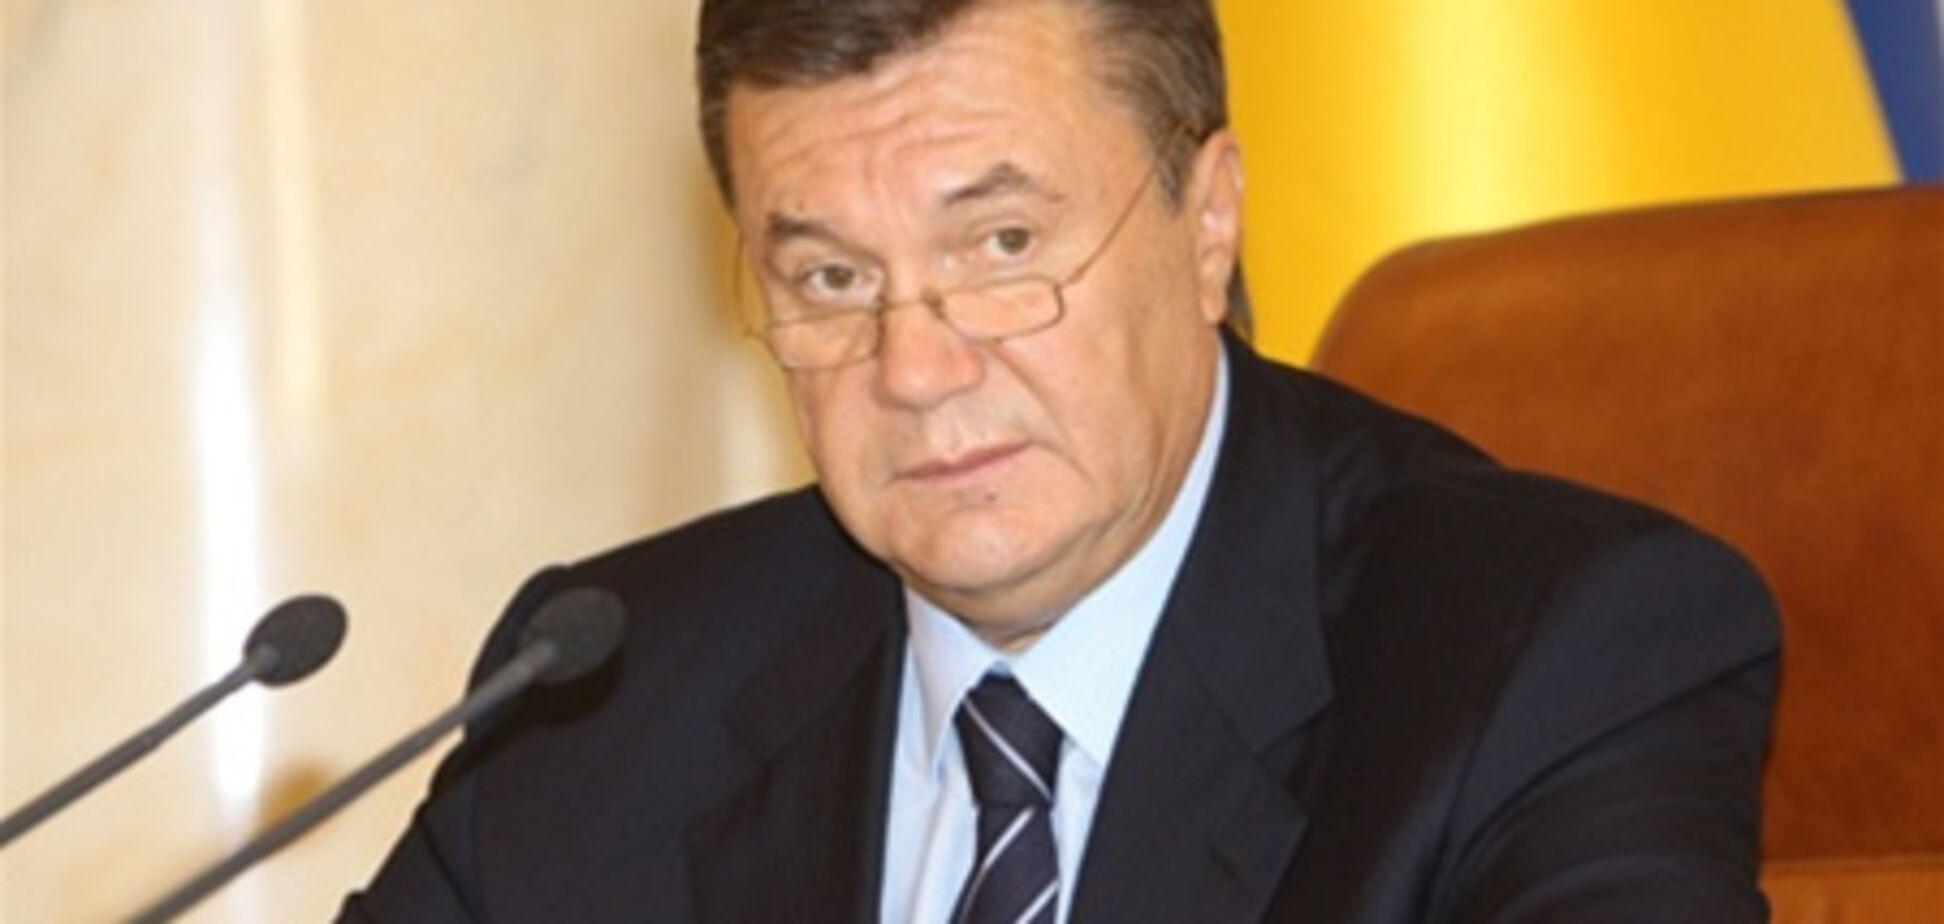 Янукович разрешил приватизировать комнаты в общежитиях еще три года